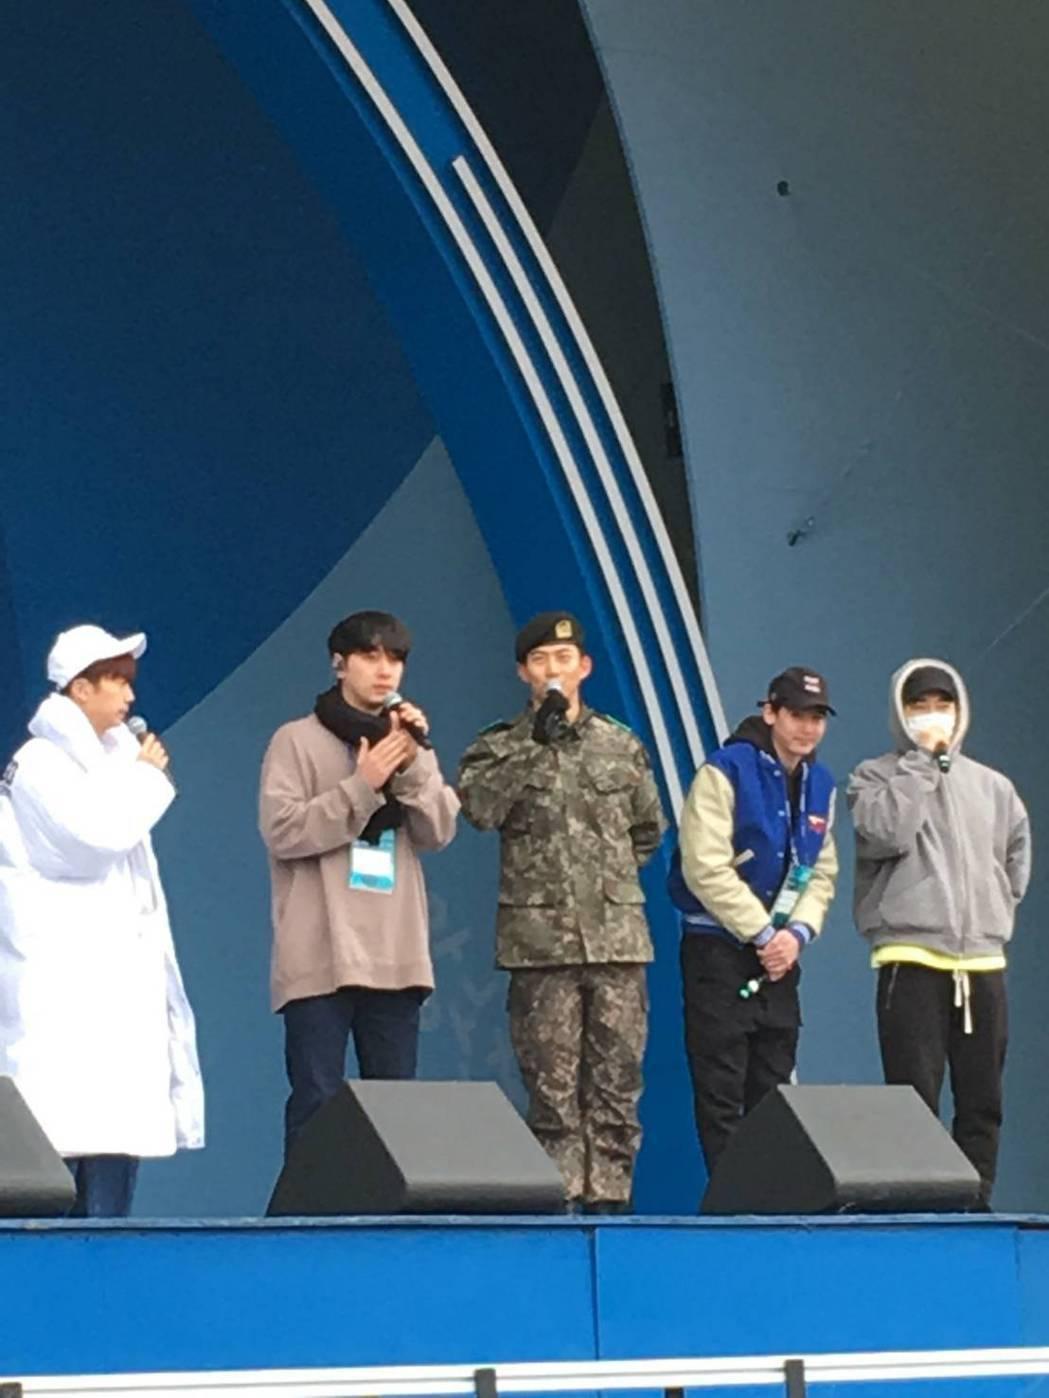 玉澤演穿著完整軍服彩排。圖/摘自推特